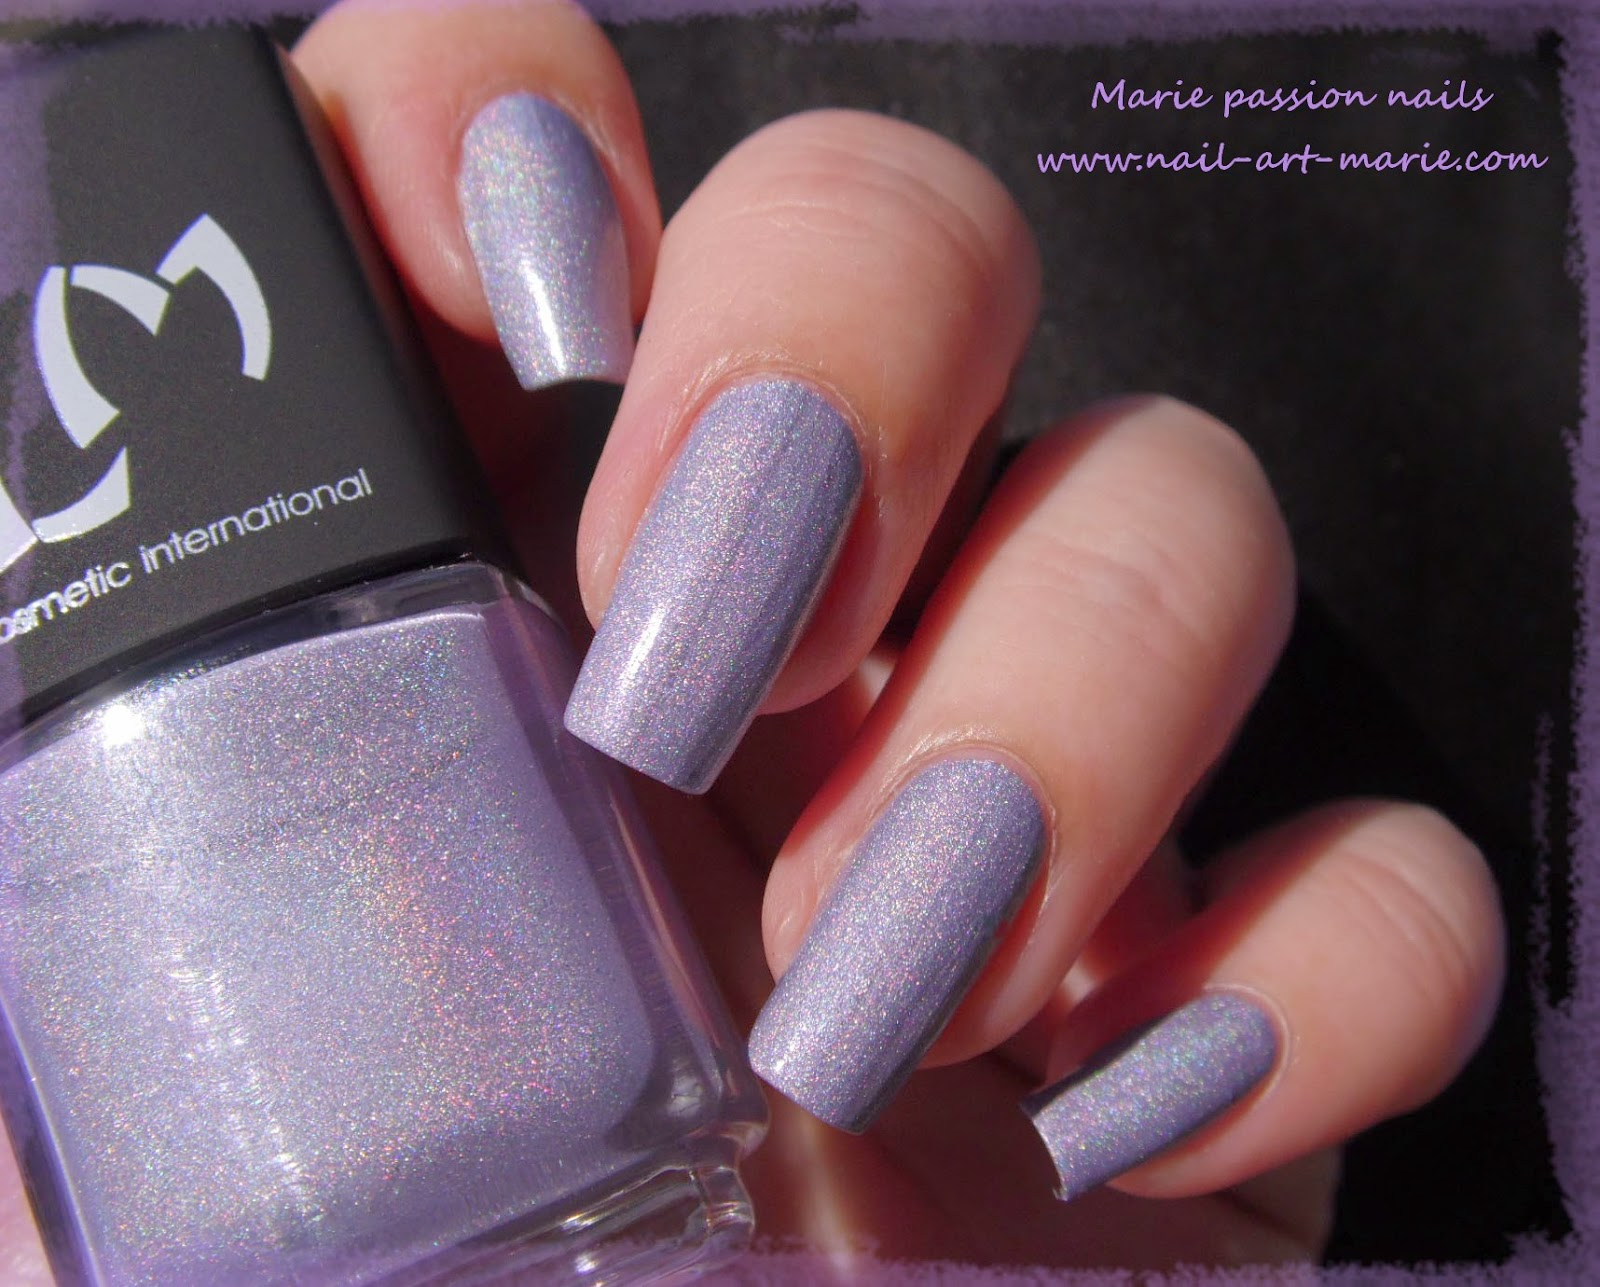 LM Cosmetic Arabesque5